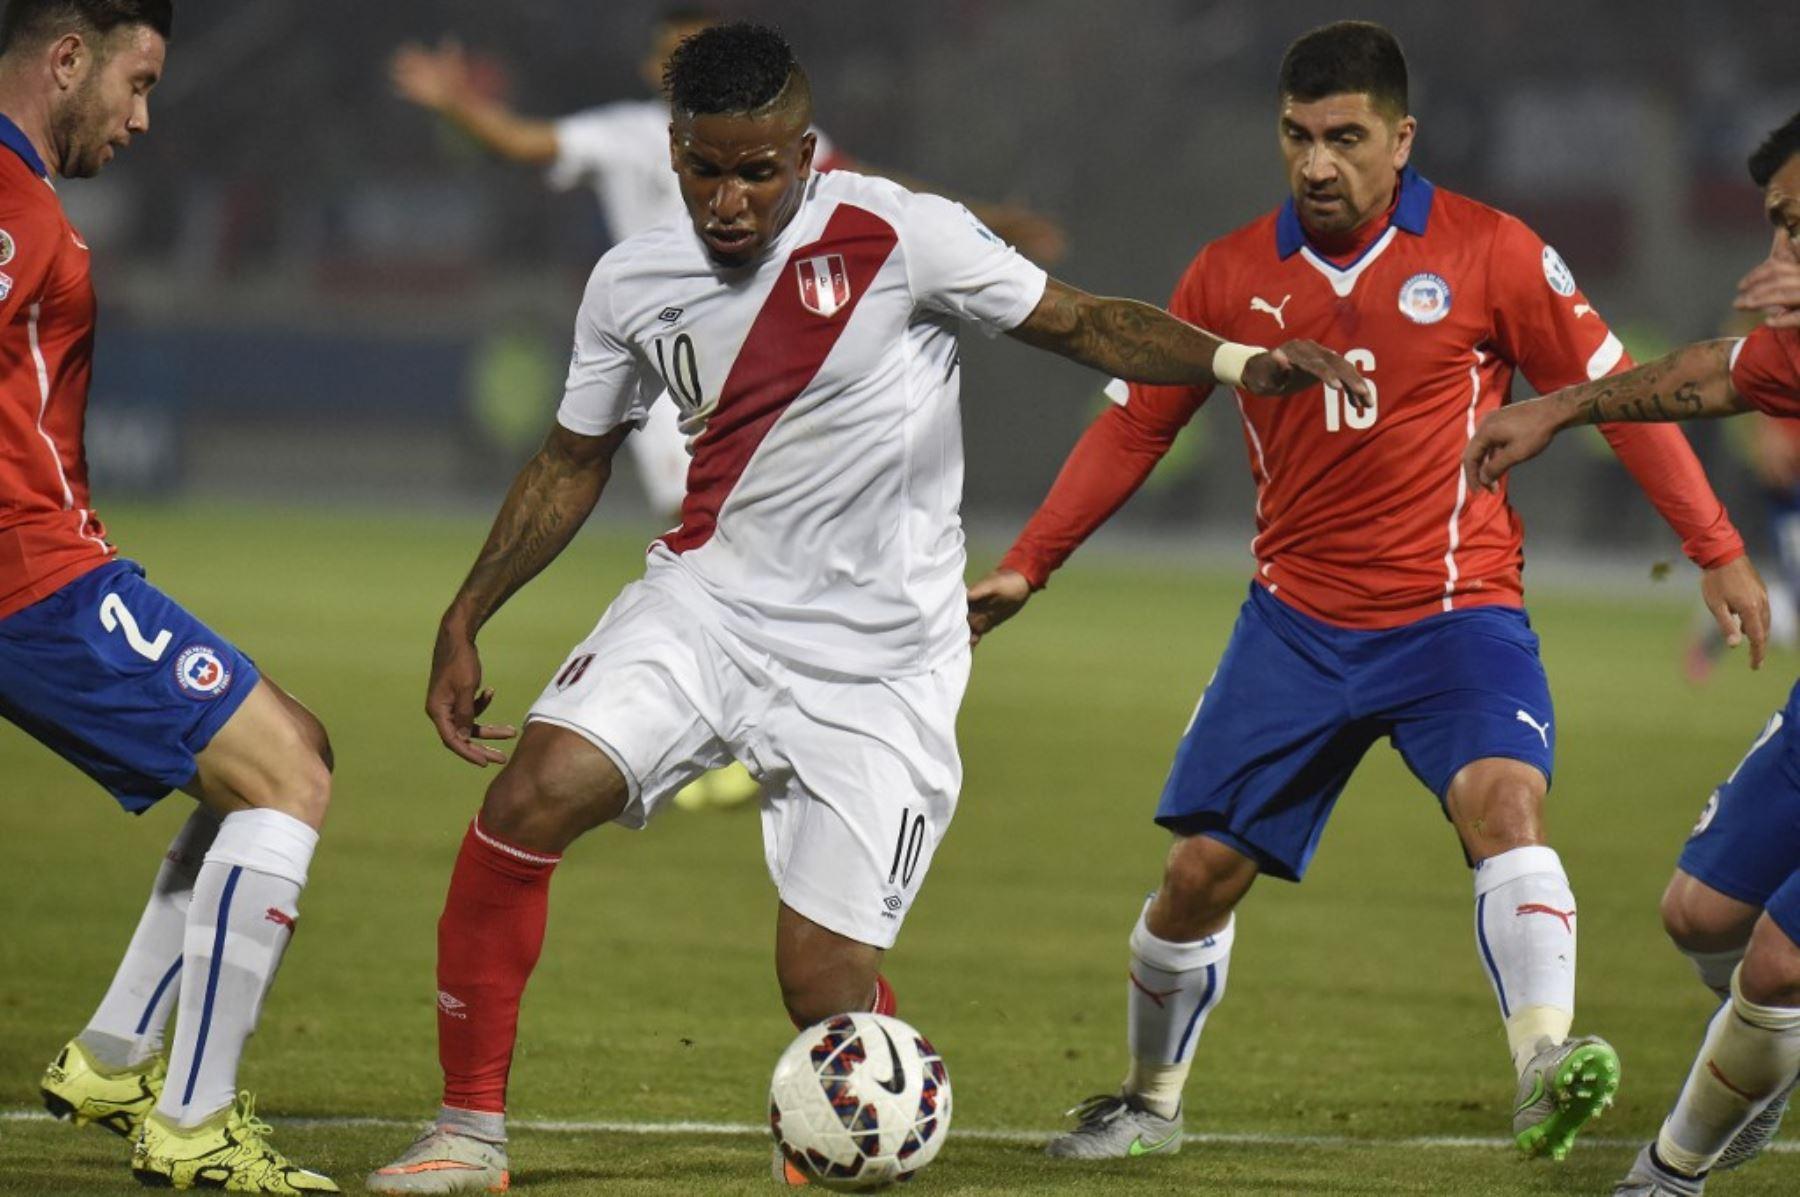 Selección peruana: La fecha y hora que enfrentará a Chile, Bolivia y Argentina